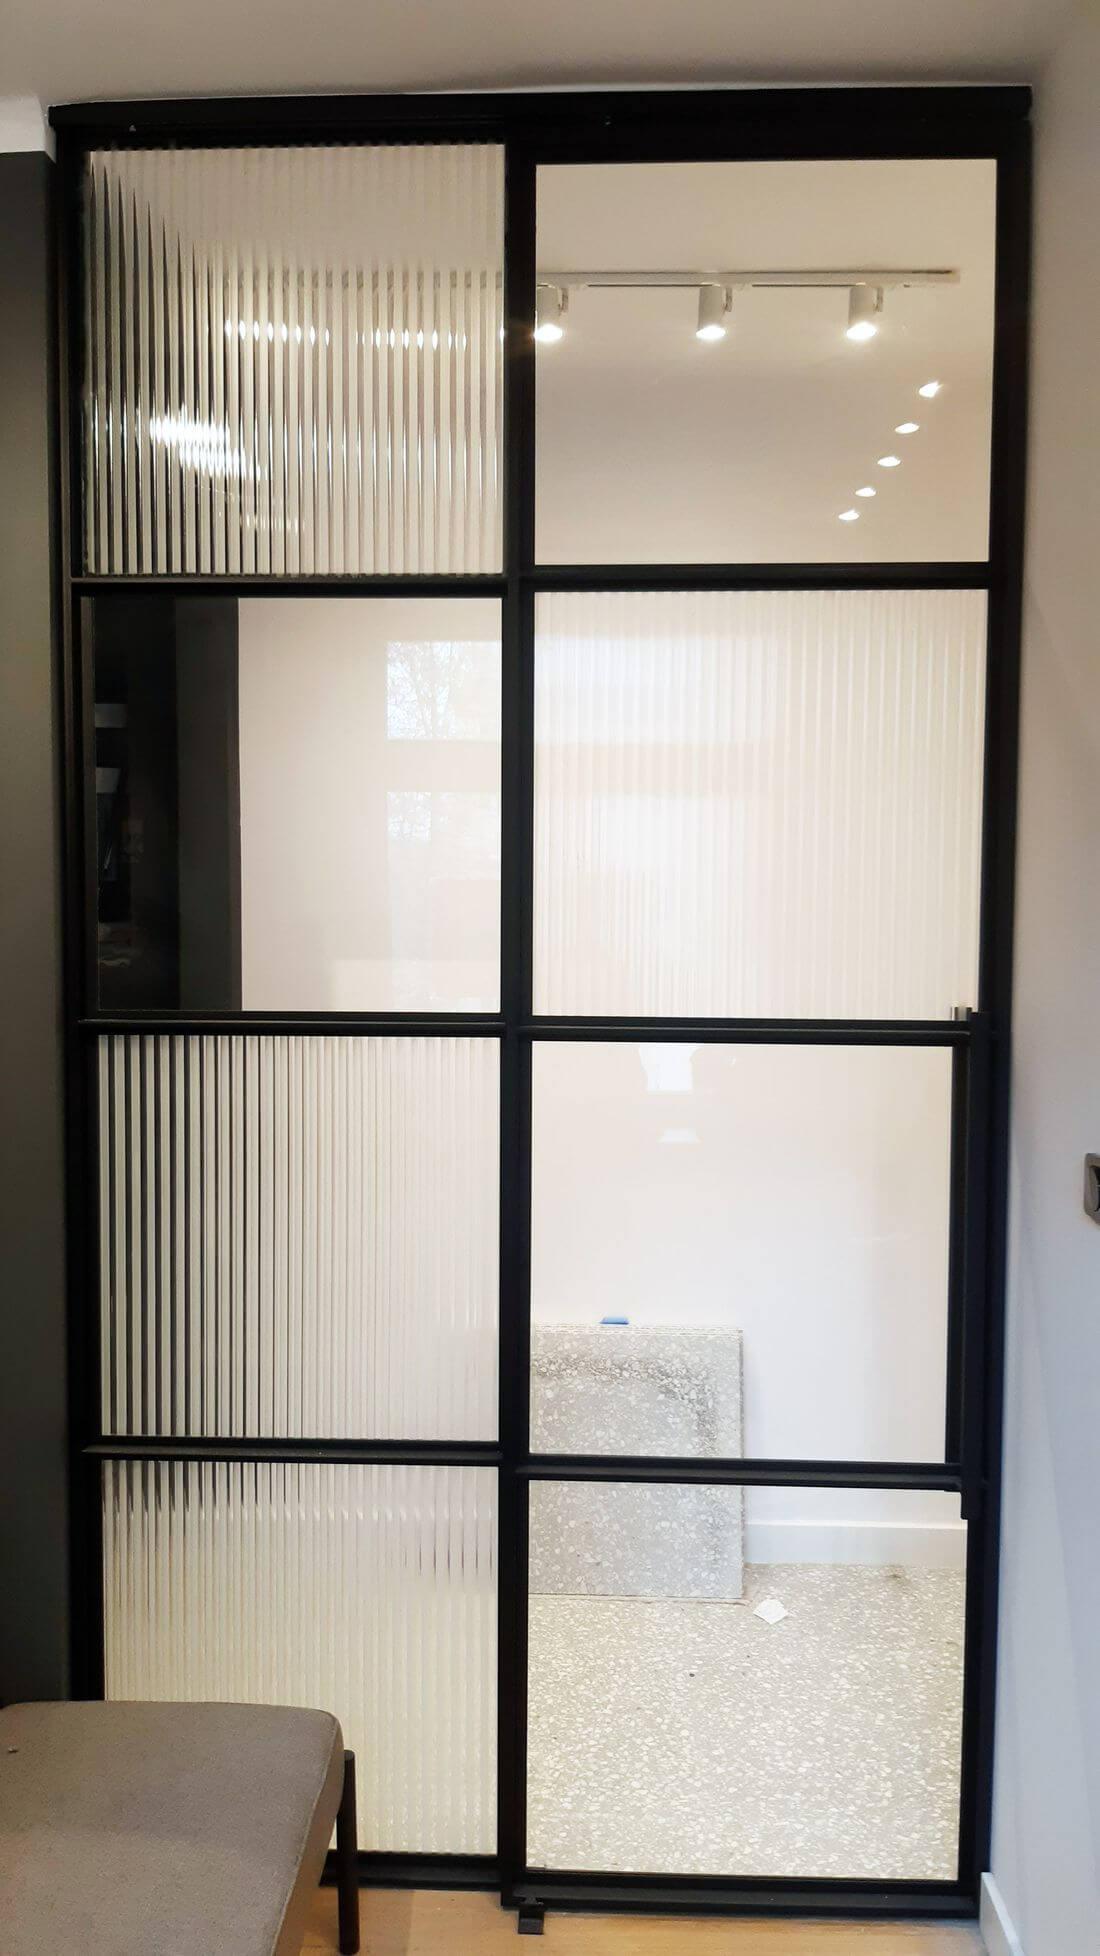 Drzwi przesuwne szklane loftowe – szkło bezpieczne 33.1 – szkło flutes – szkło przezierne – stal konstrukcyjna